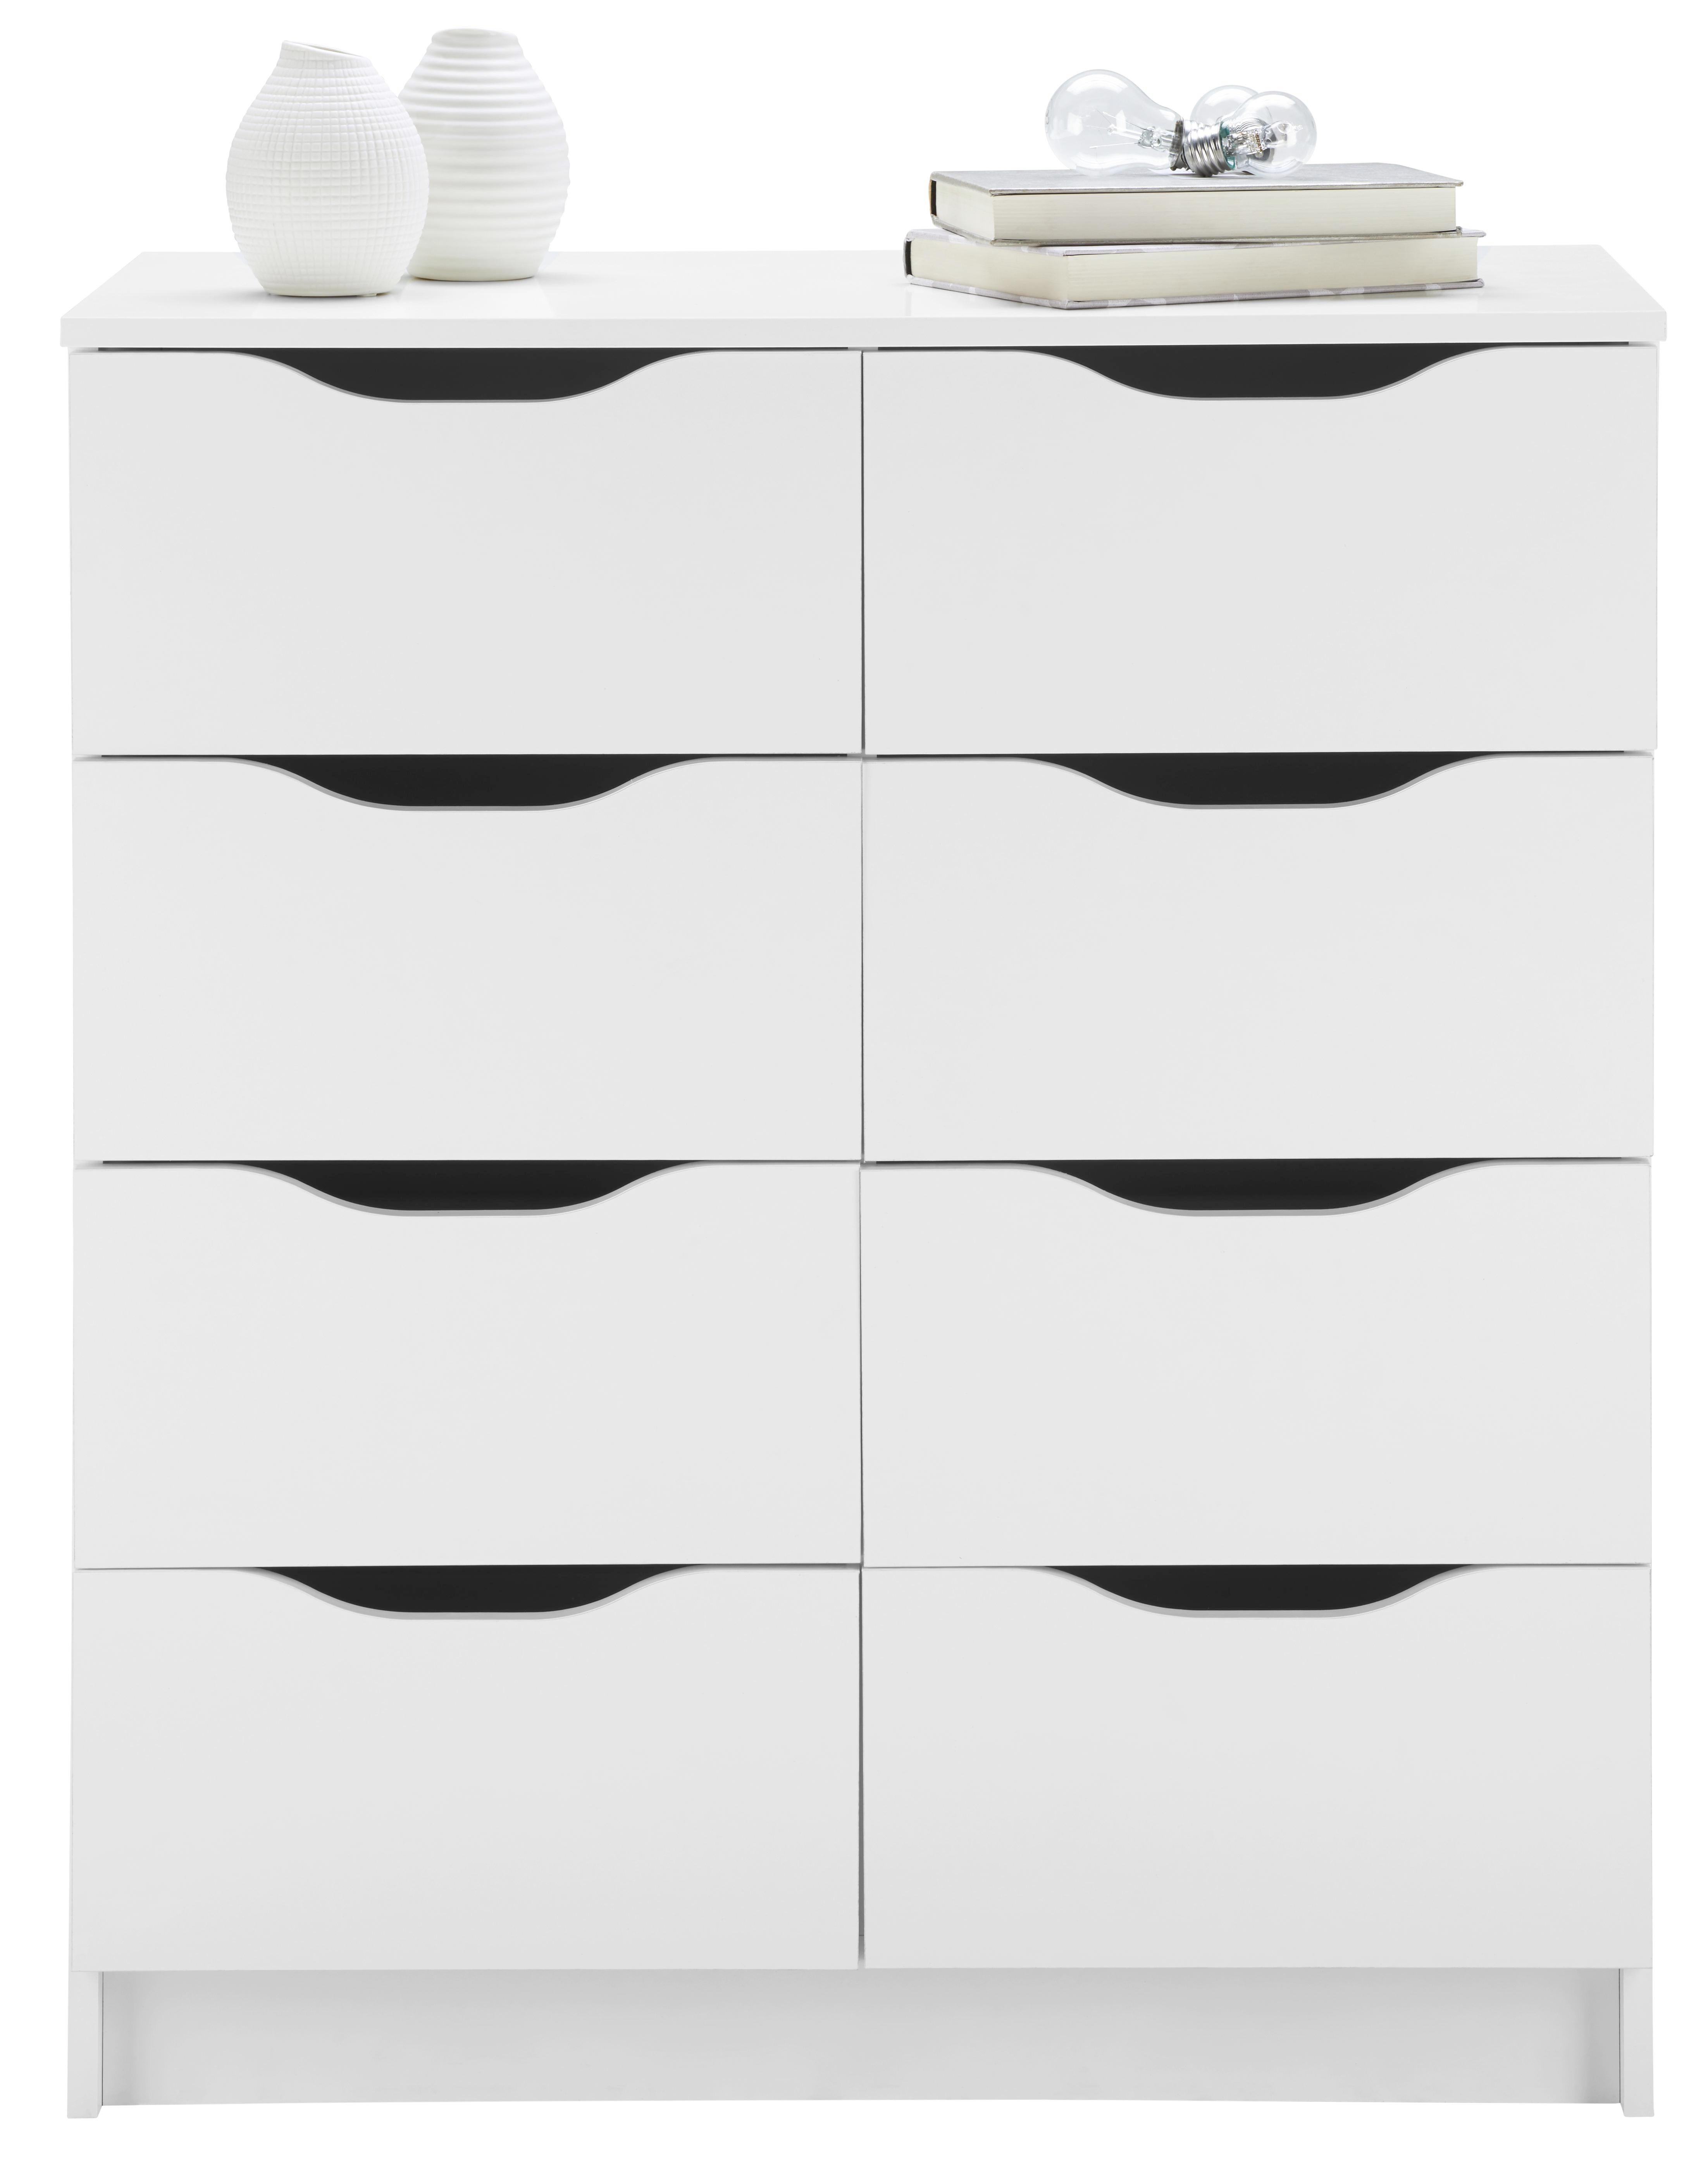 KOMODA - bijela, Design, drvni materijal (80/91/40cm) - CARRYHOME